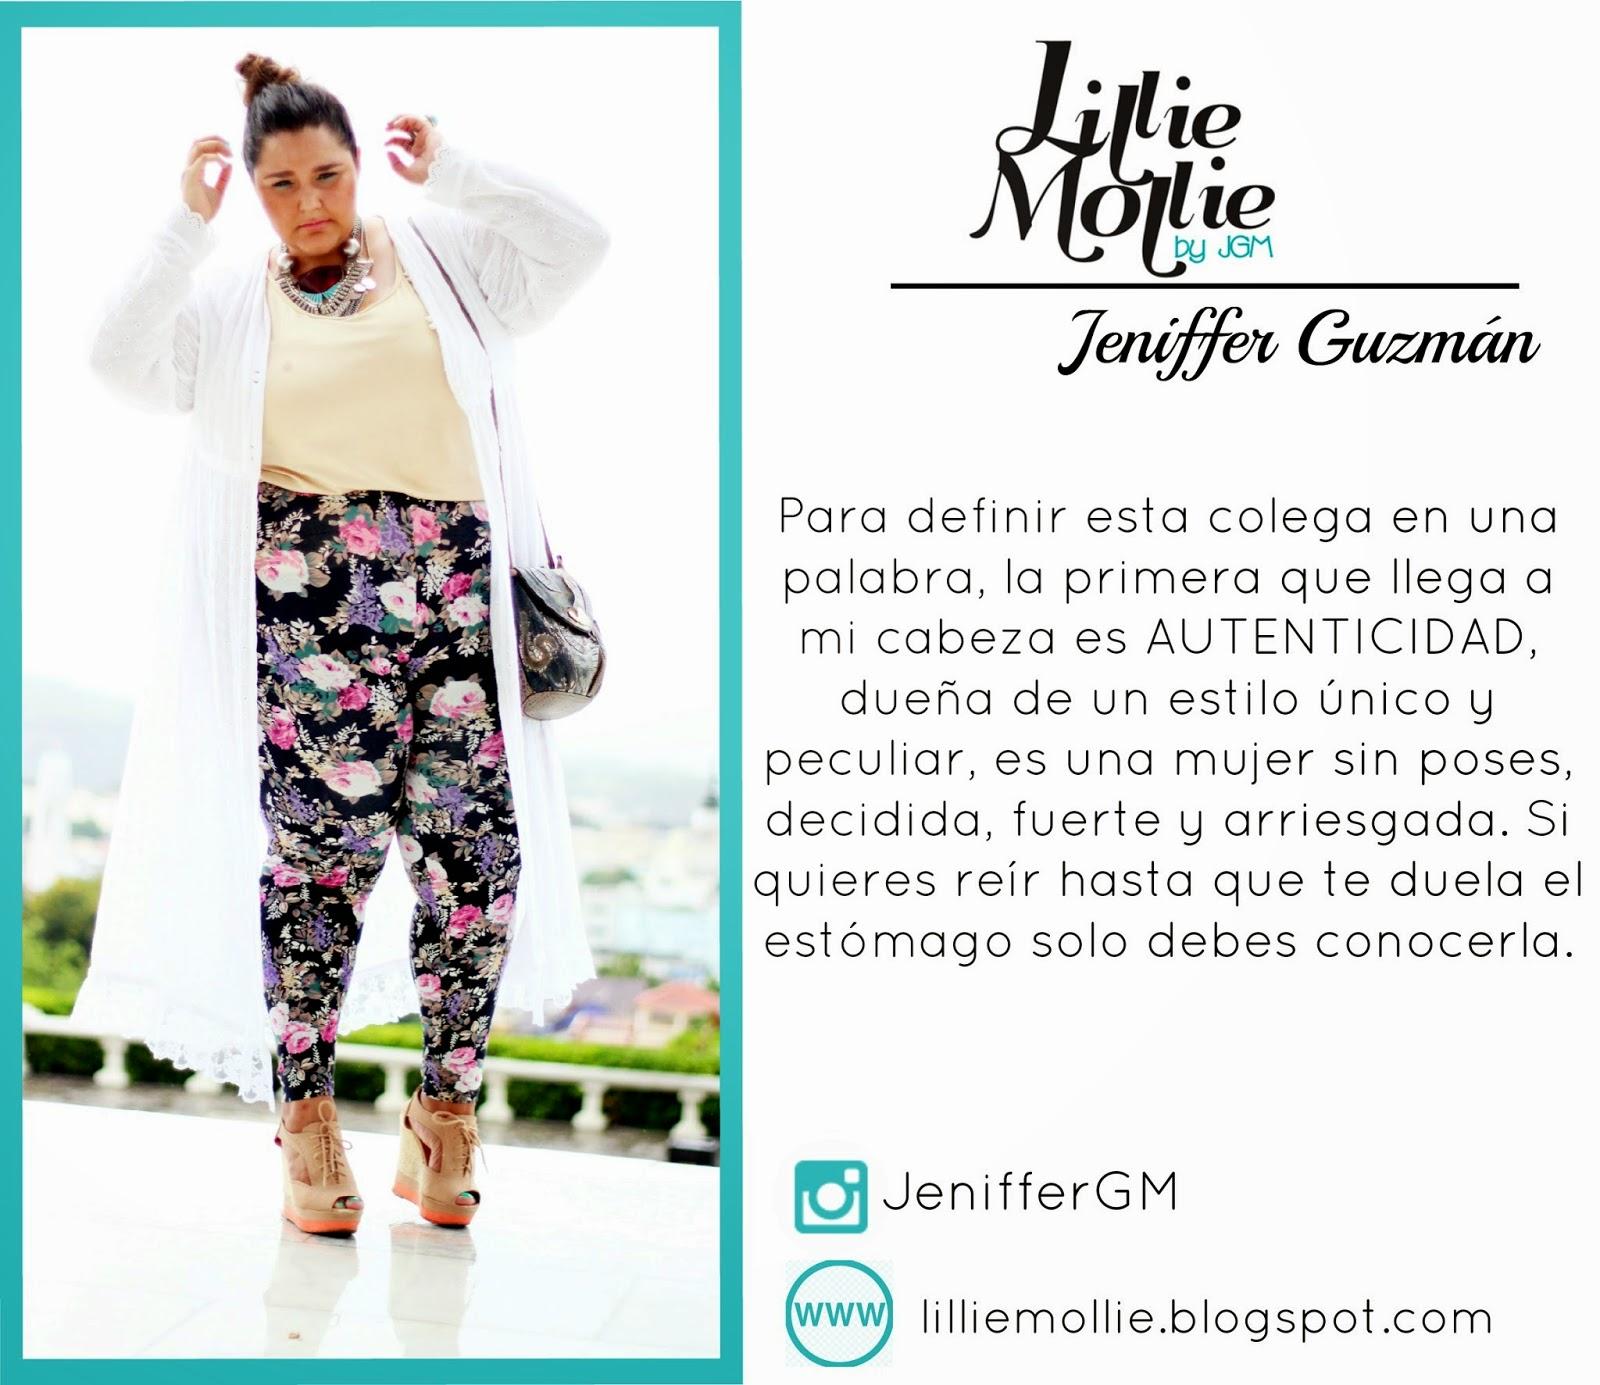 http://lilliemollie.blogspot.com/